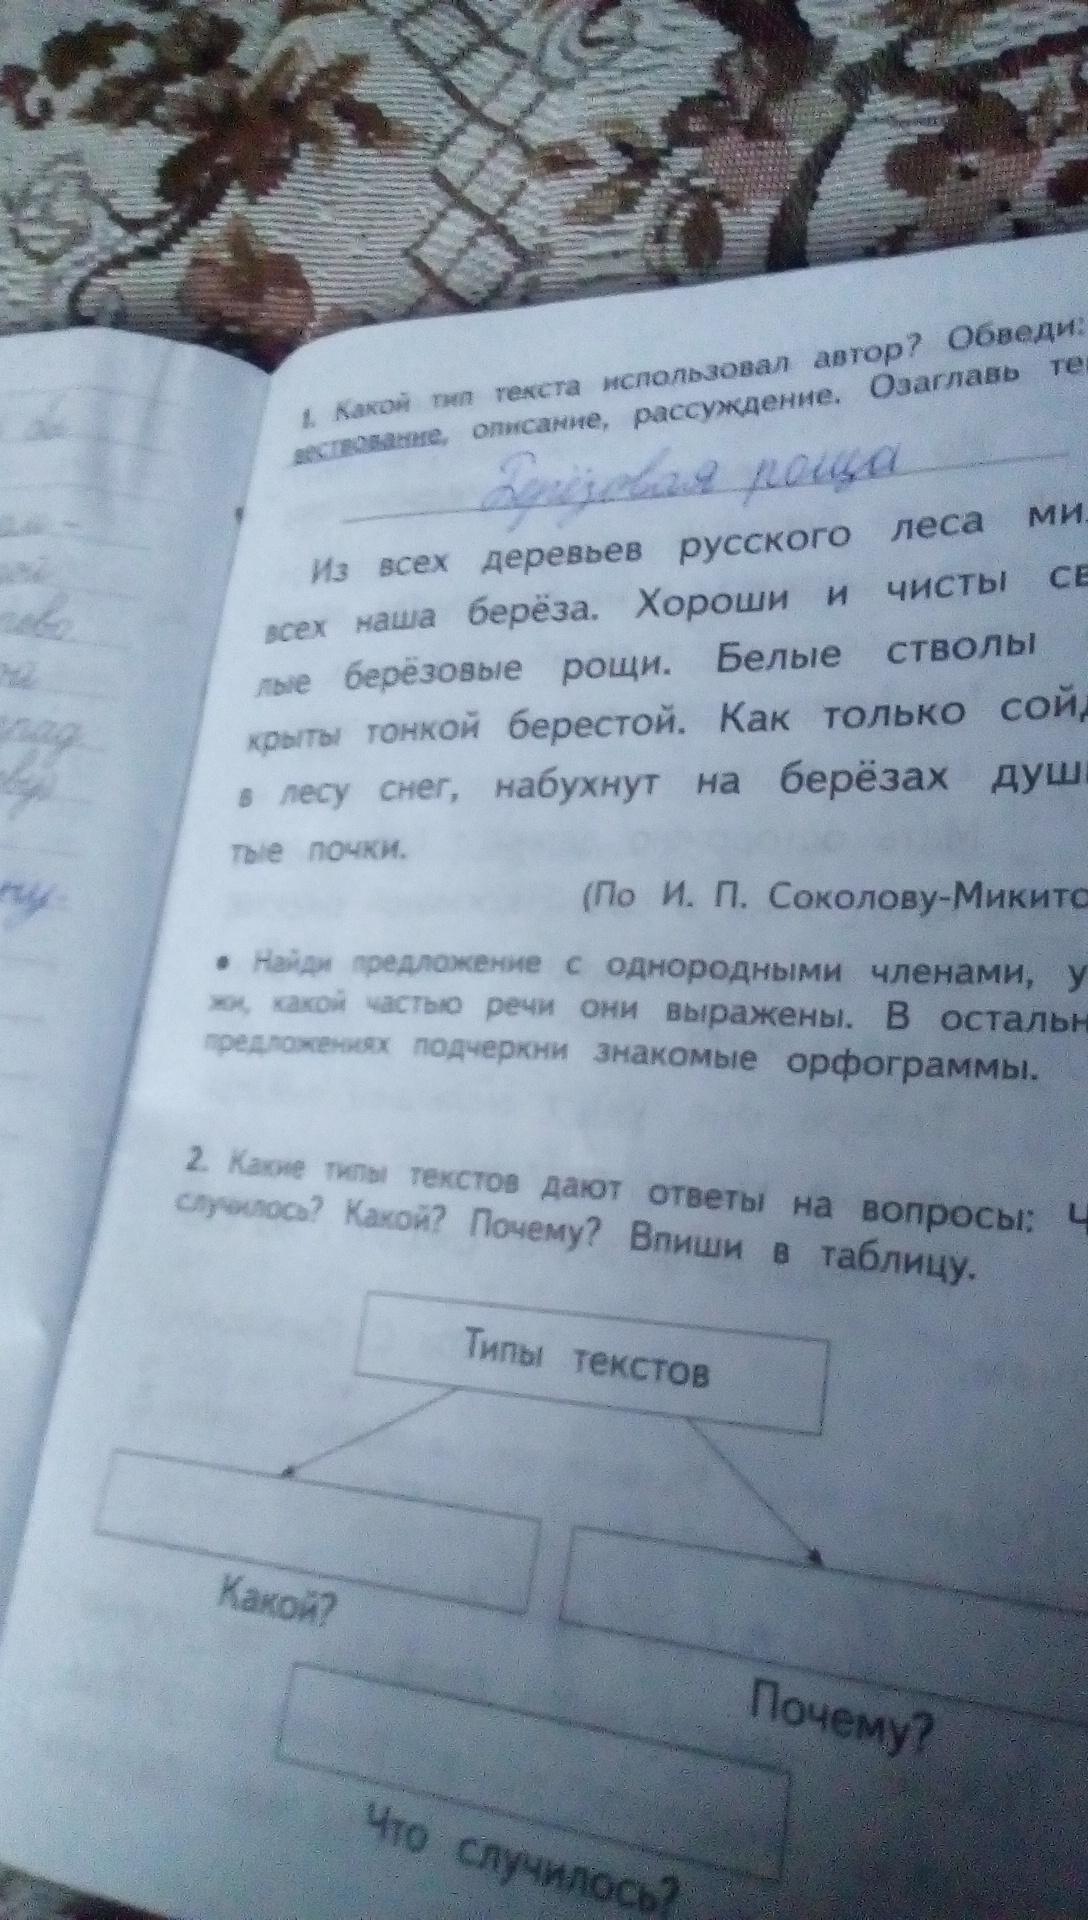 ozaglav-tekst-podcherkni-odnorodnie-chleni